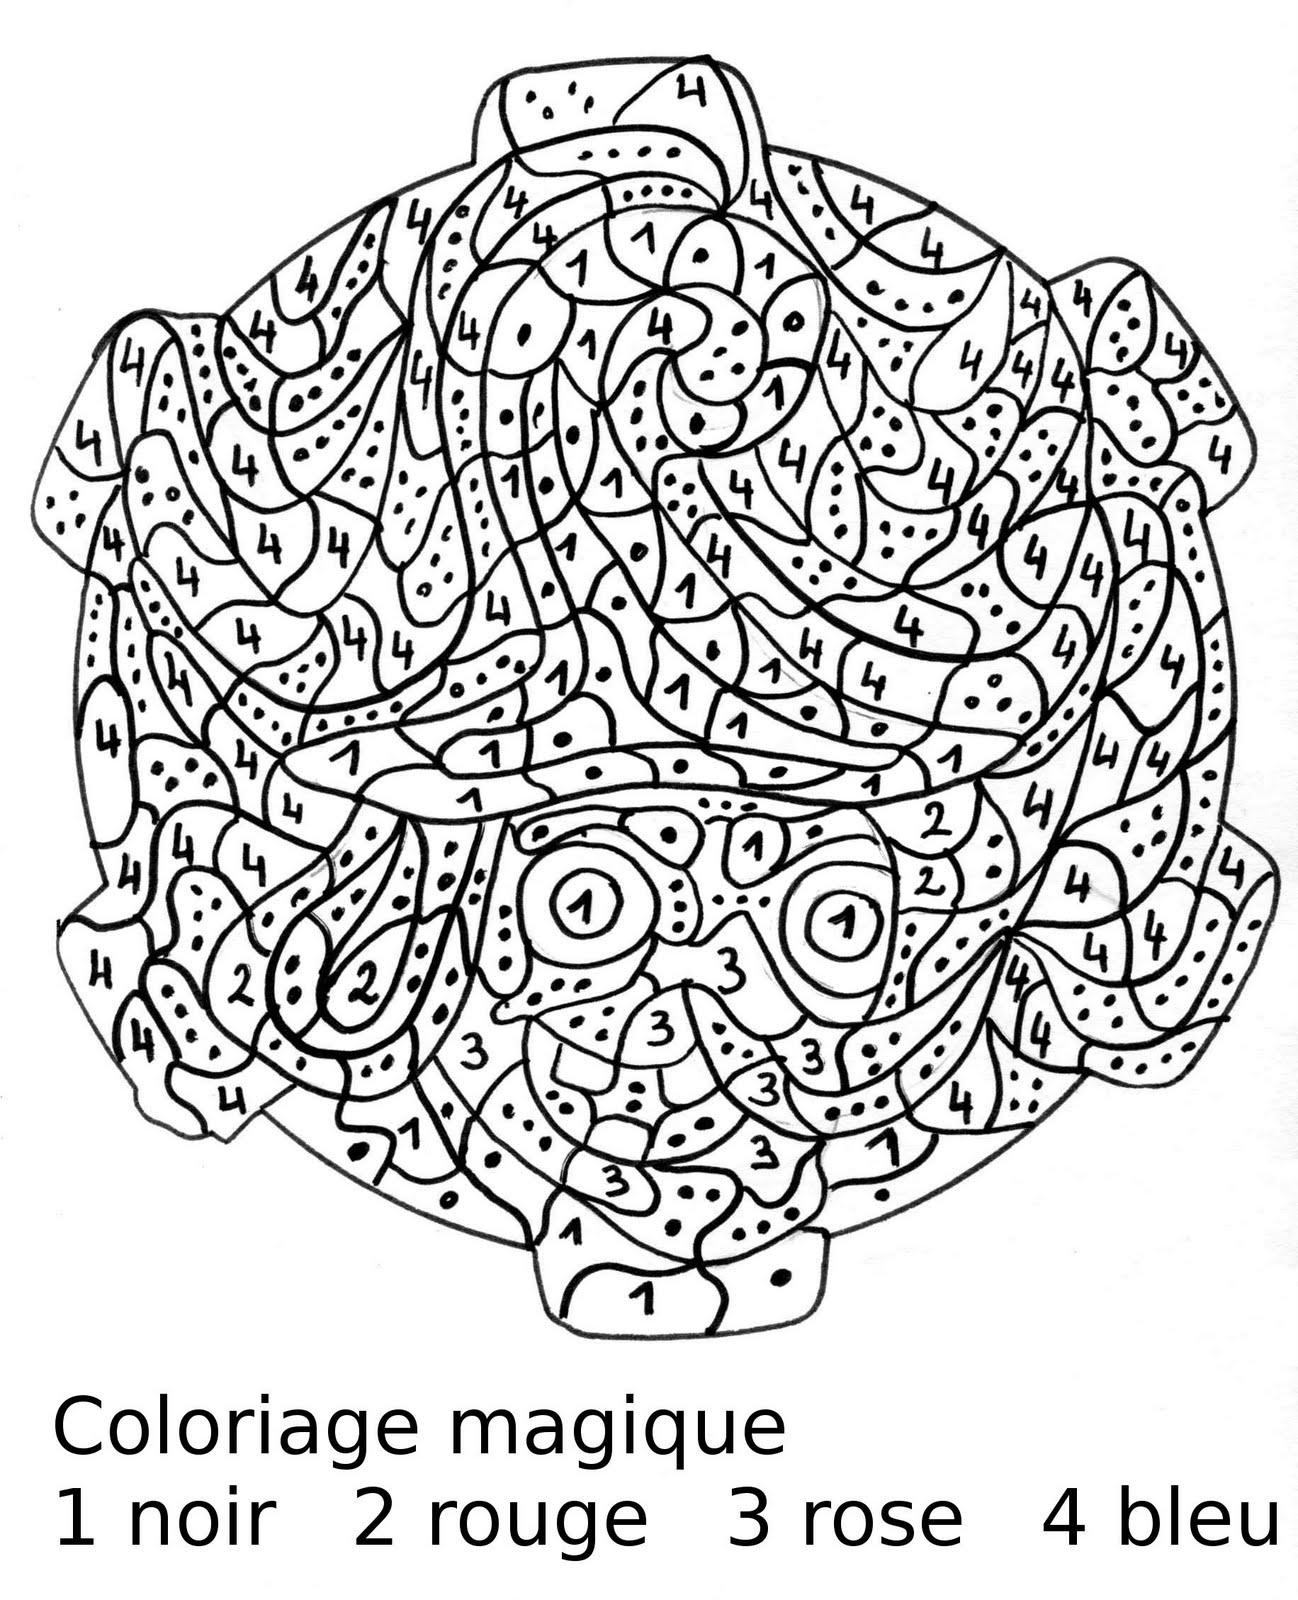 Maternelle coloriage magique portrait de sorci re au chapeau - Jeux de sorciere potion magique gratuit ...